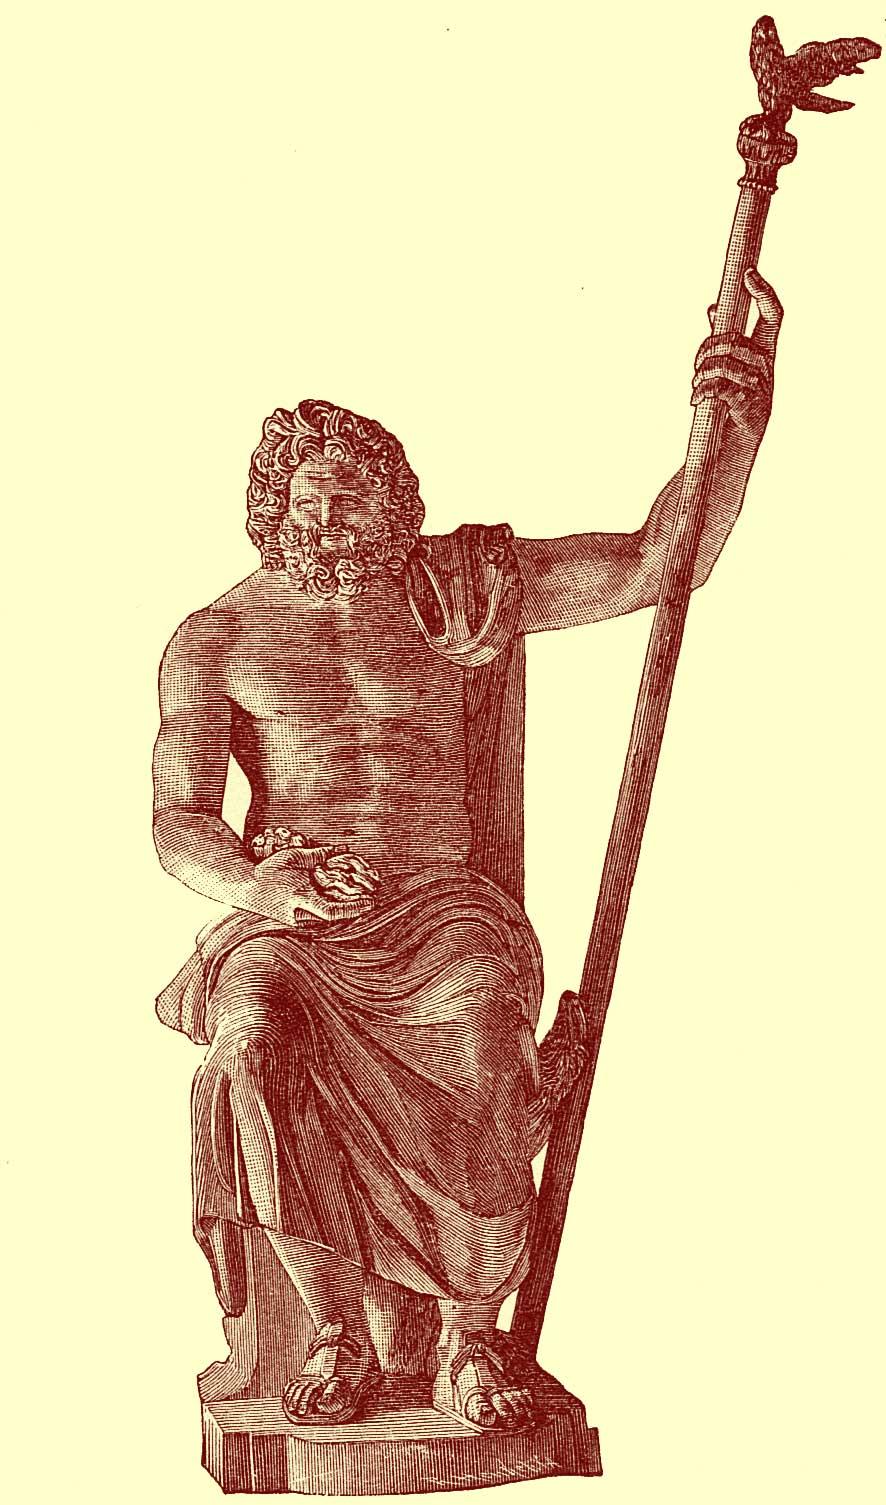 Elfinspell Zeus Or Jupiter Jove Manual Of Mythology